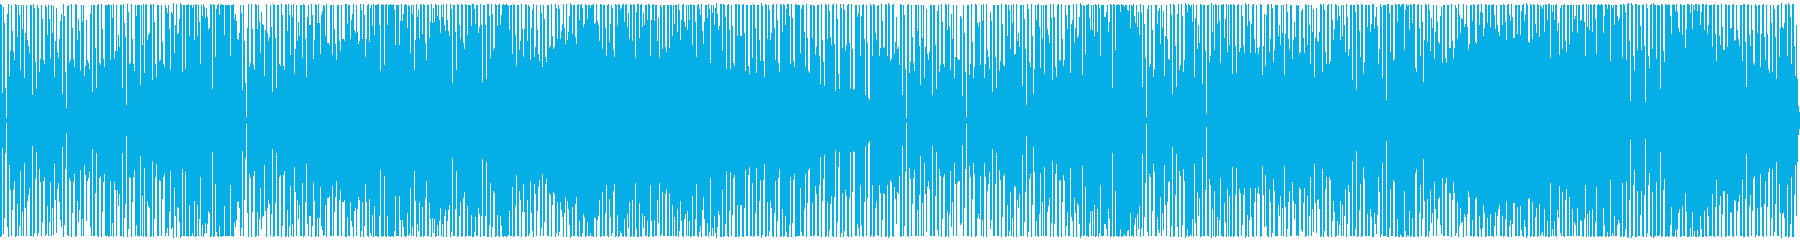 心がウキウキ踊るような明るく弾むBGMの再生済みの波形